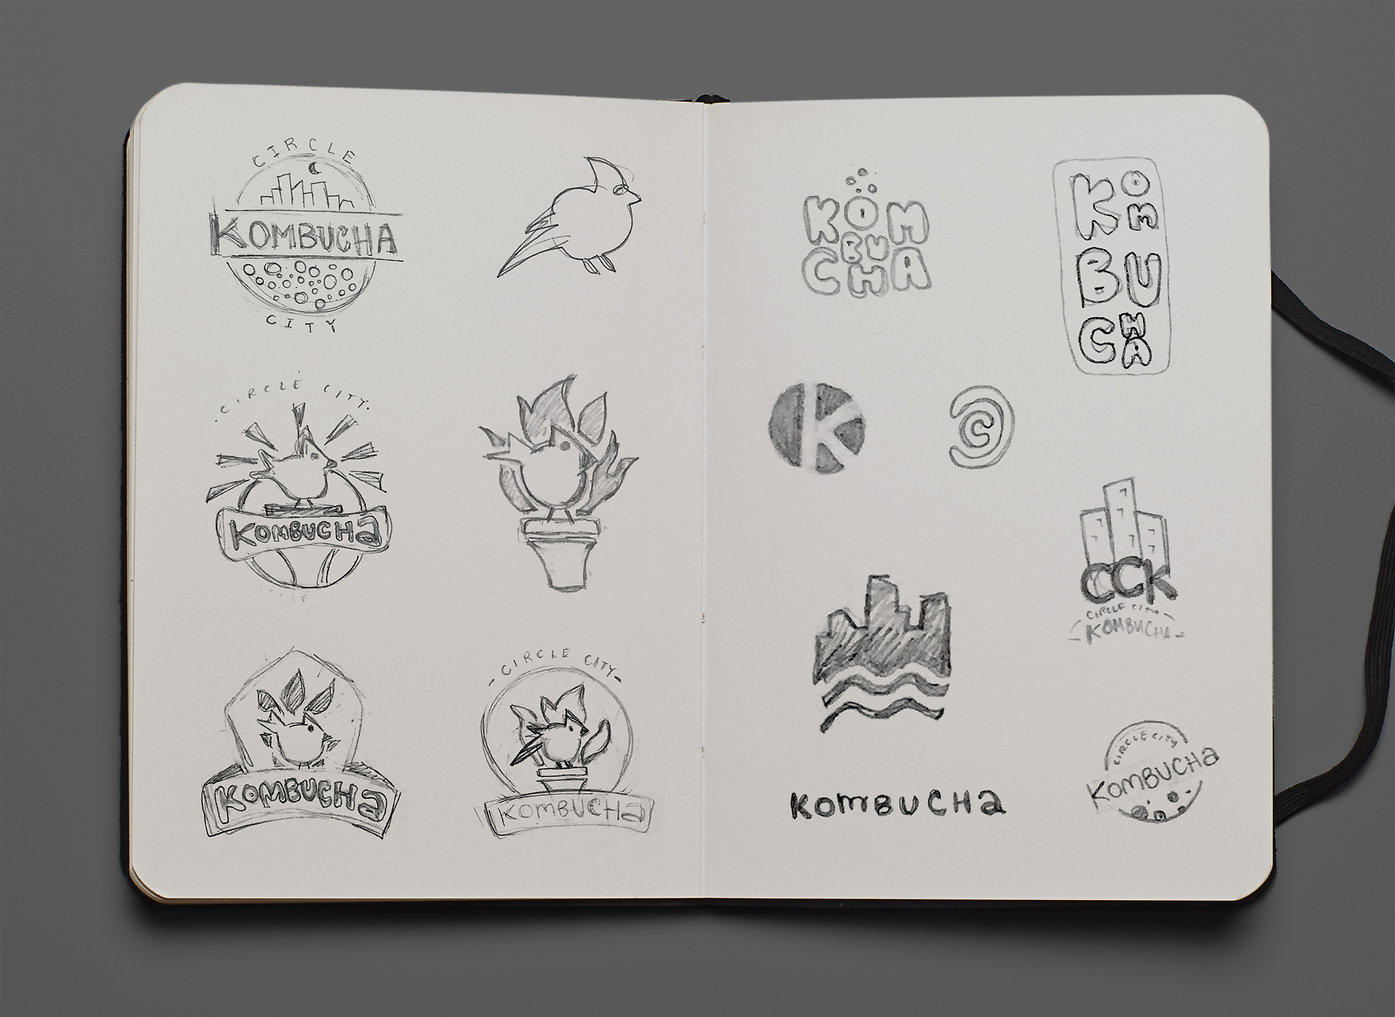 CCK_Sketchbook_Mockup.jpg